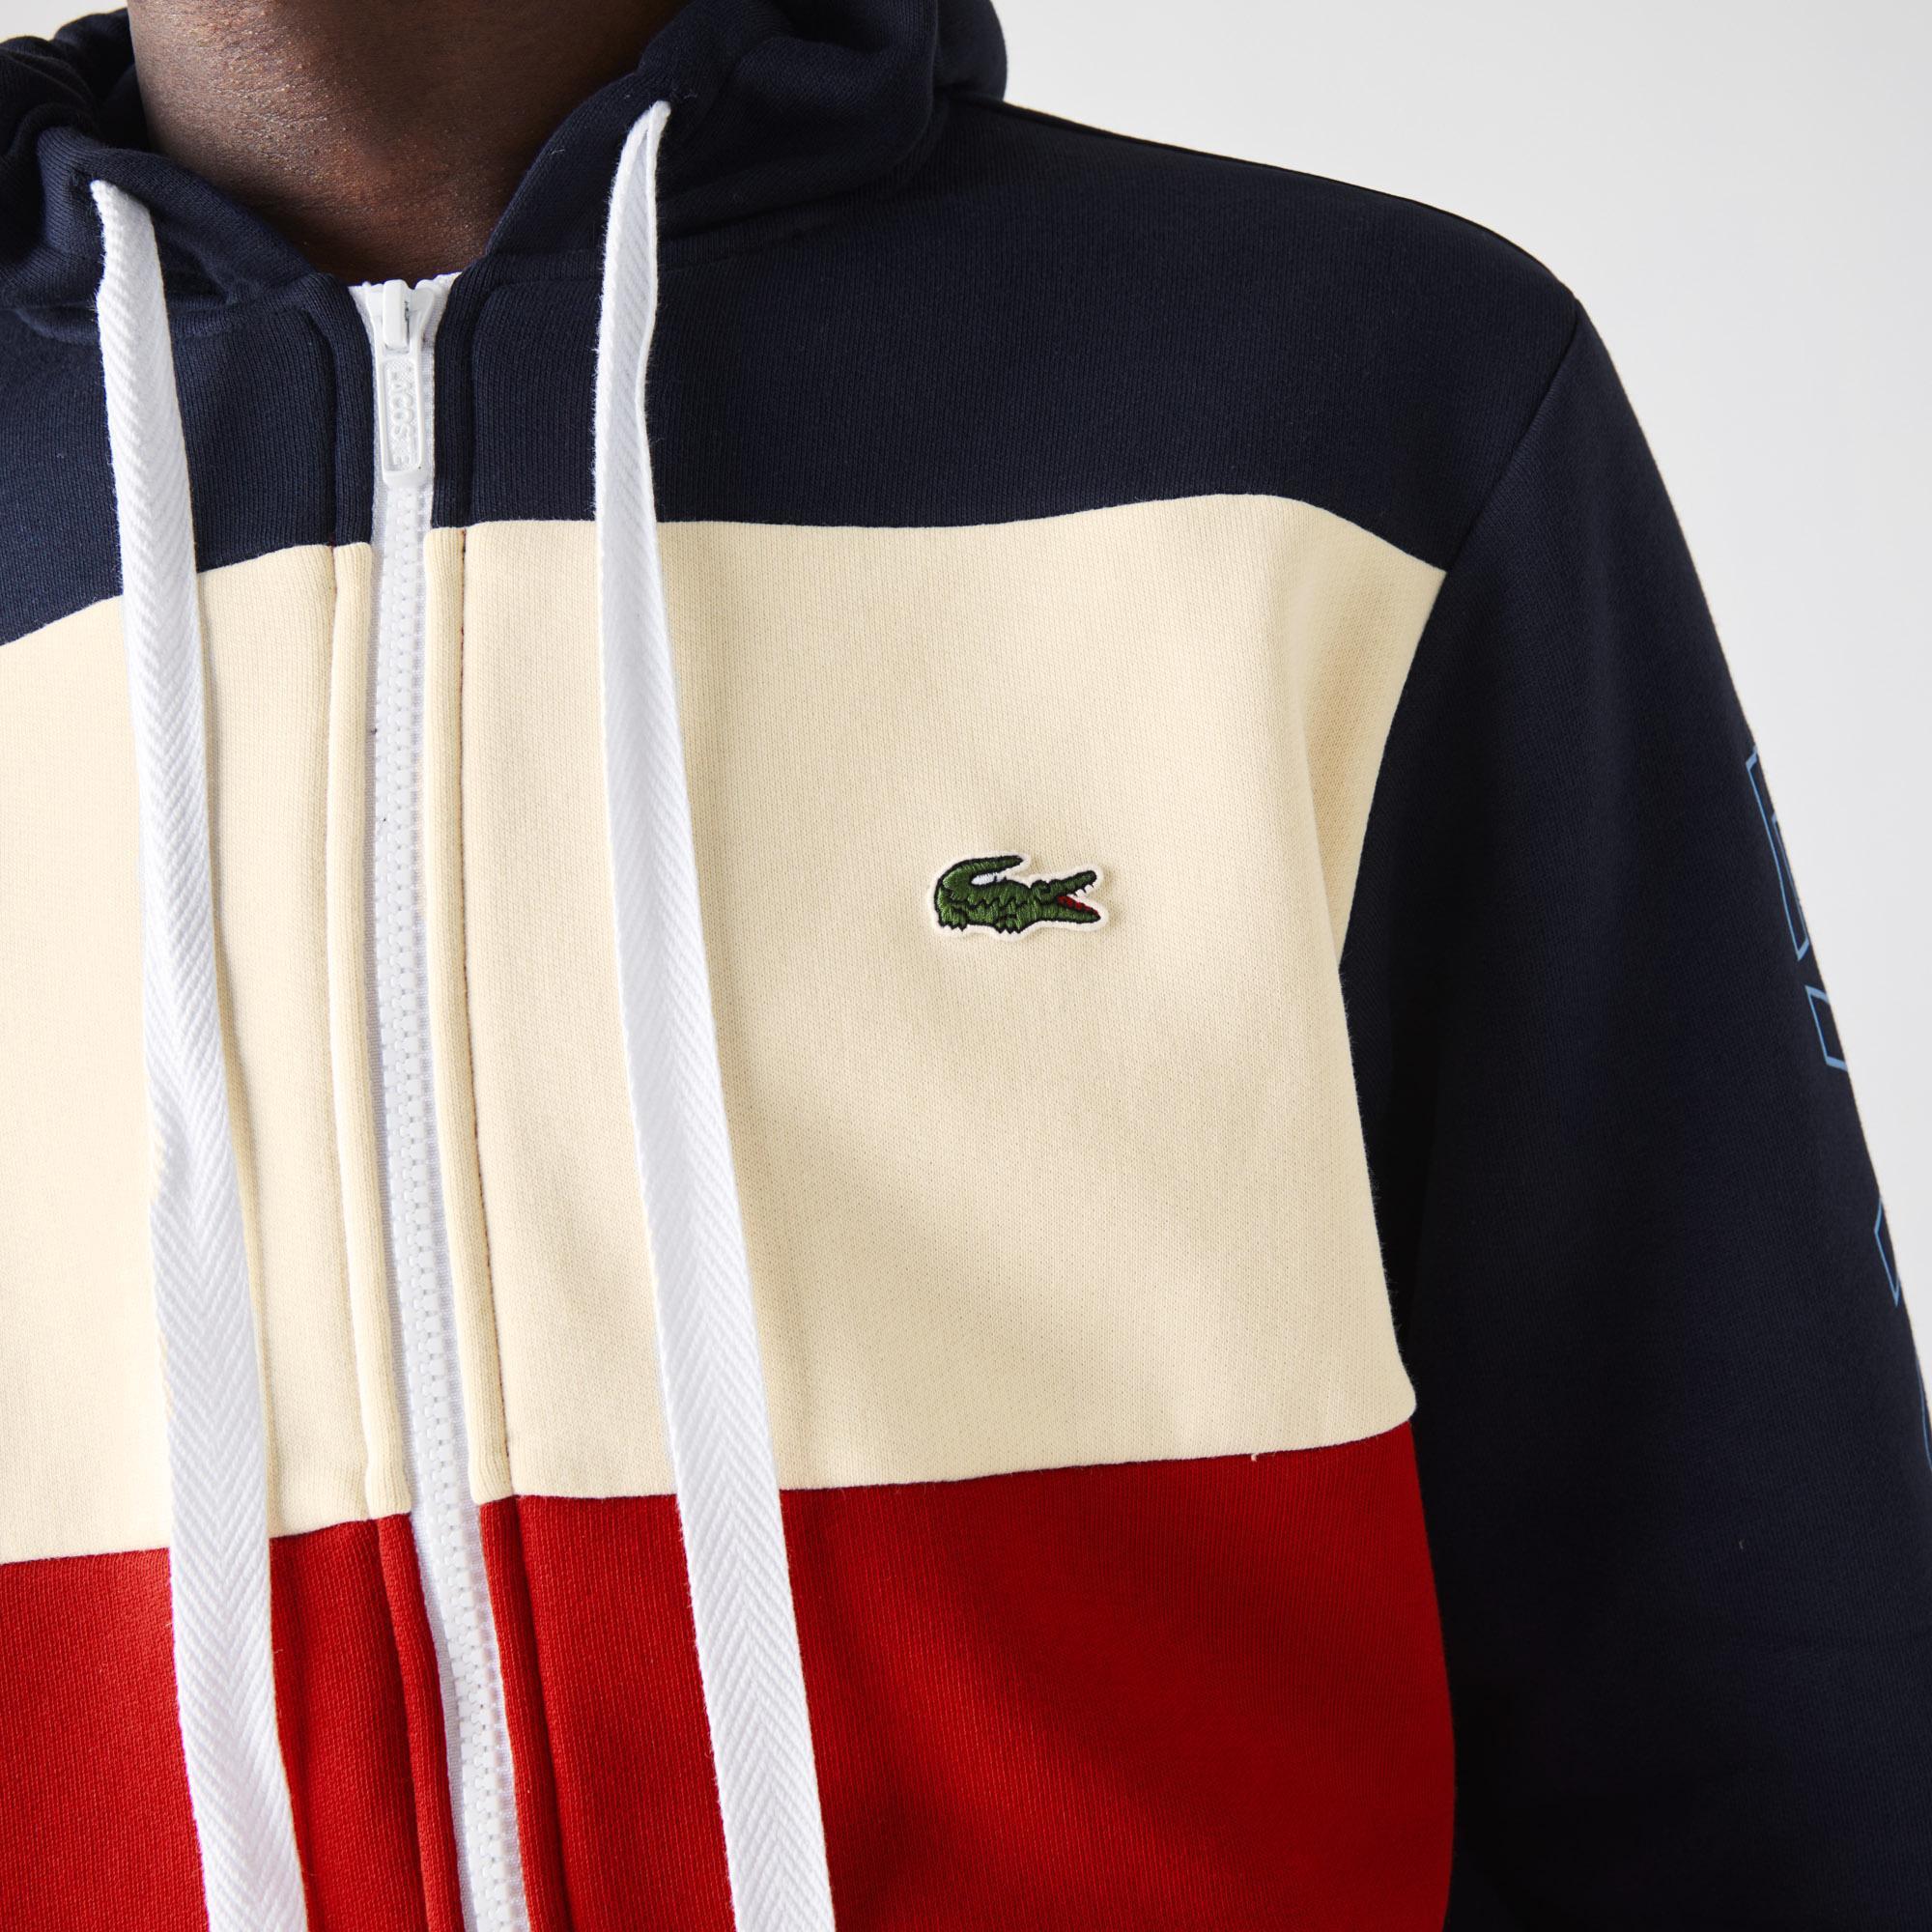 Lacoste Męska polarowa bluza z kapturem w bloki kolorystyczne na zamek błyskawiczny